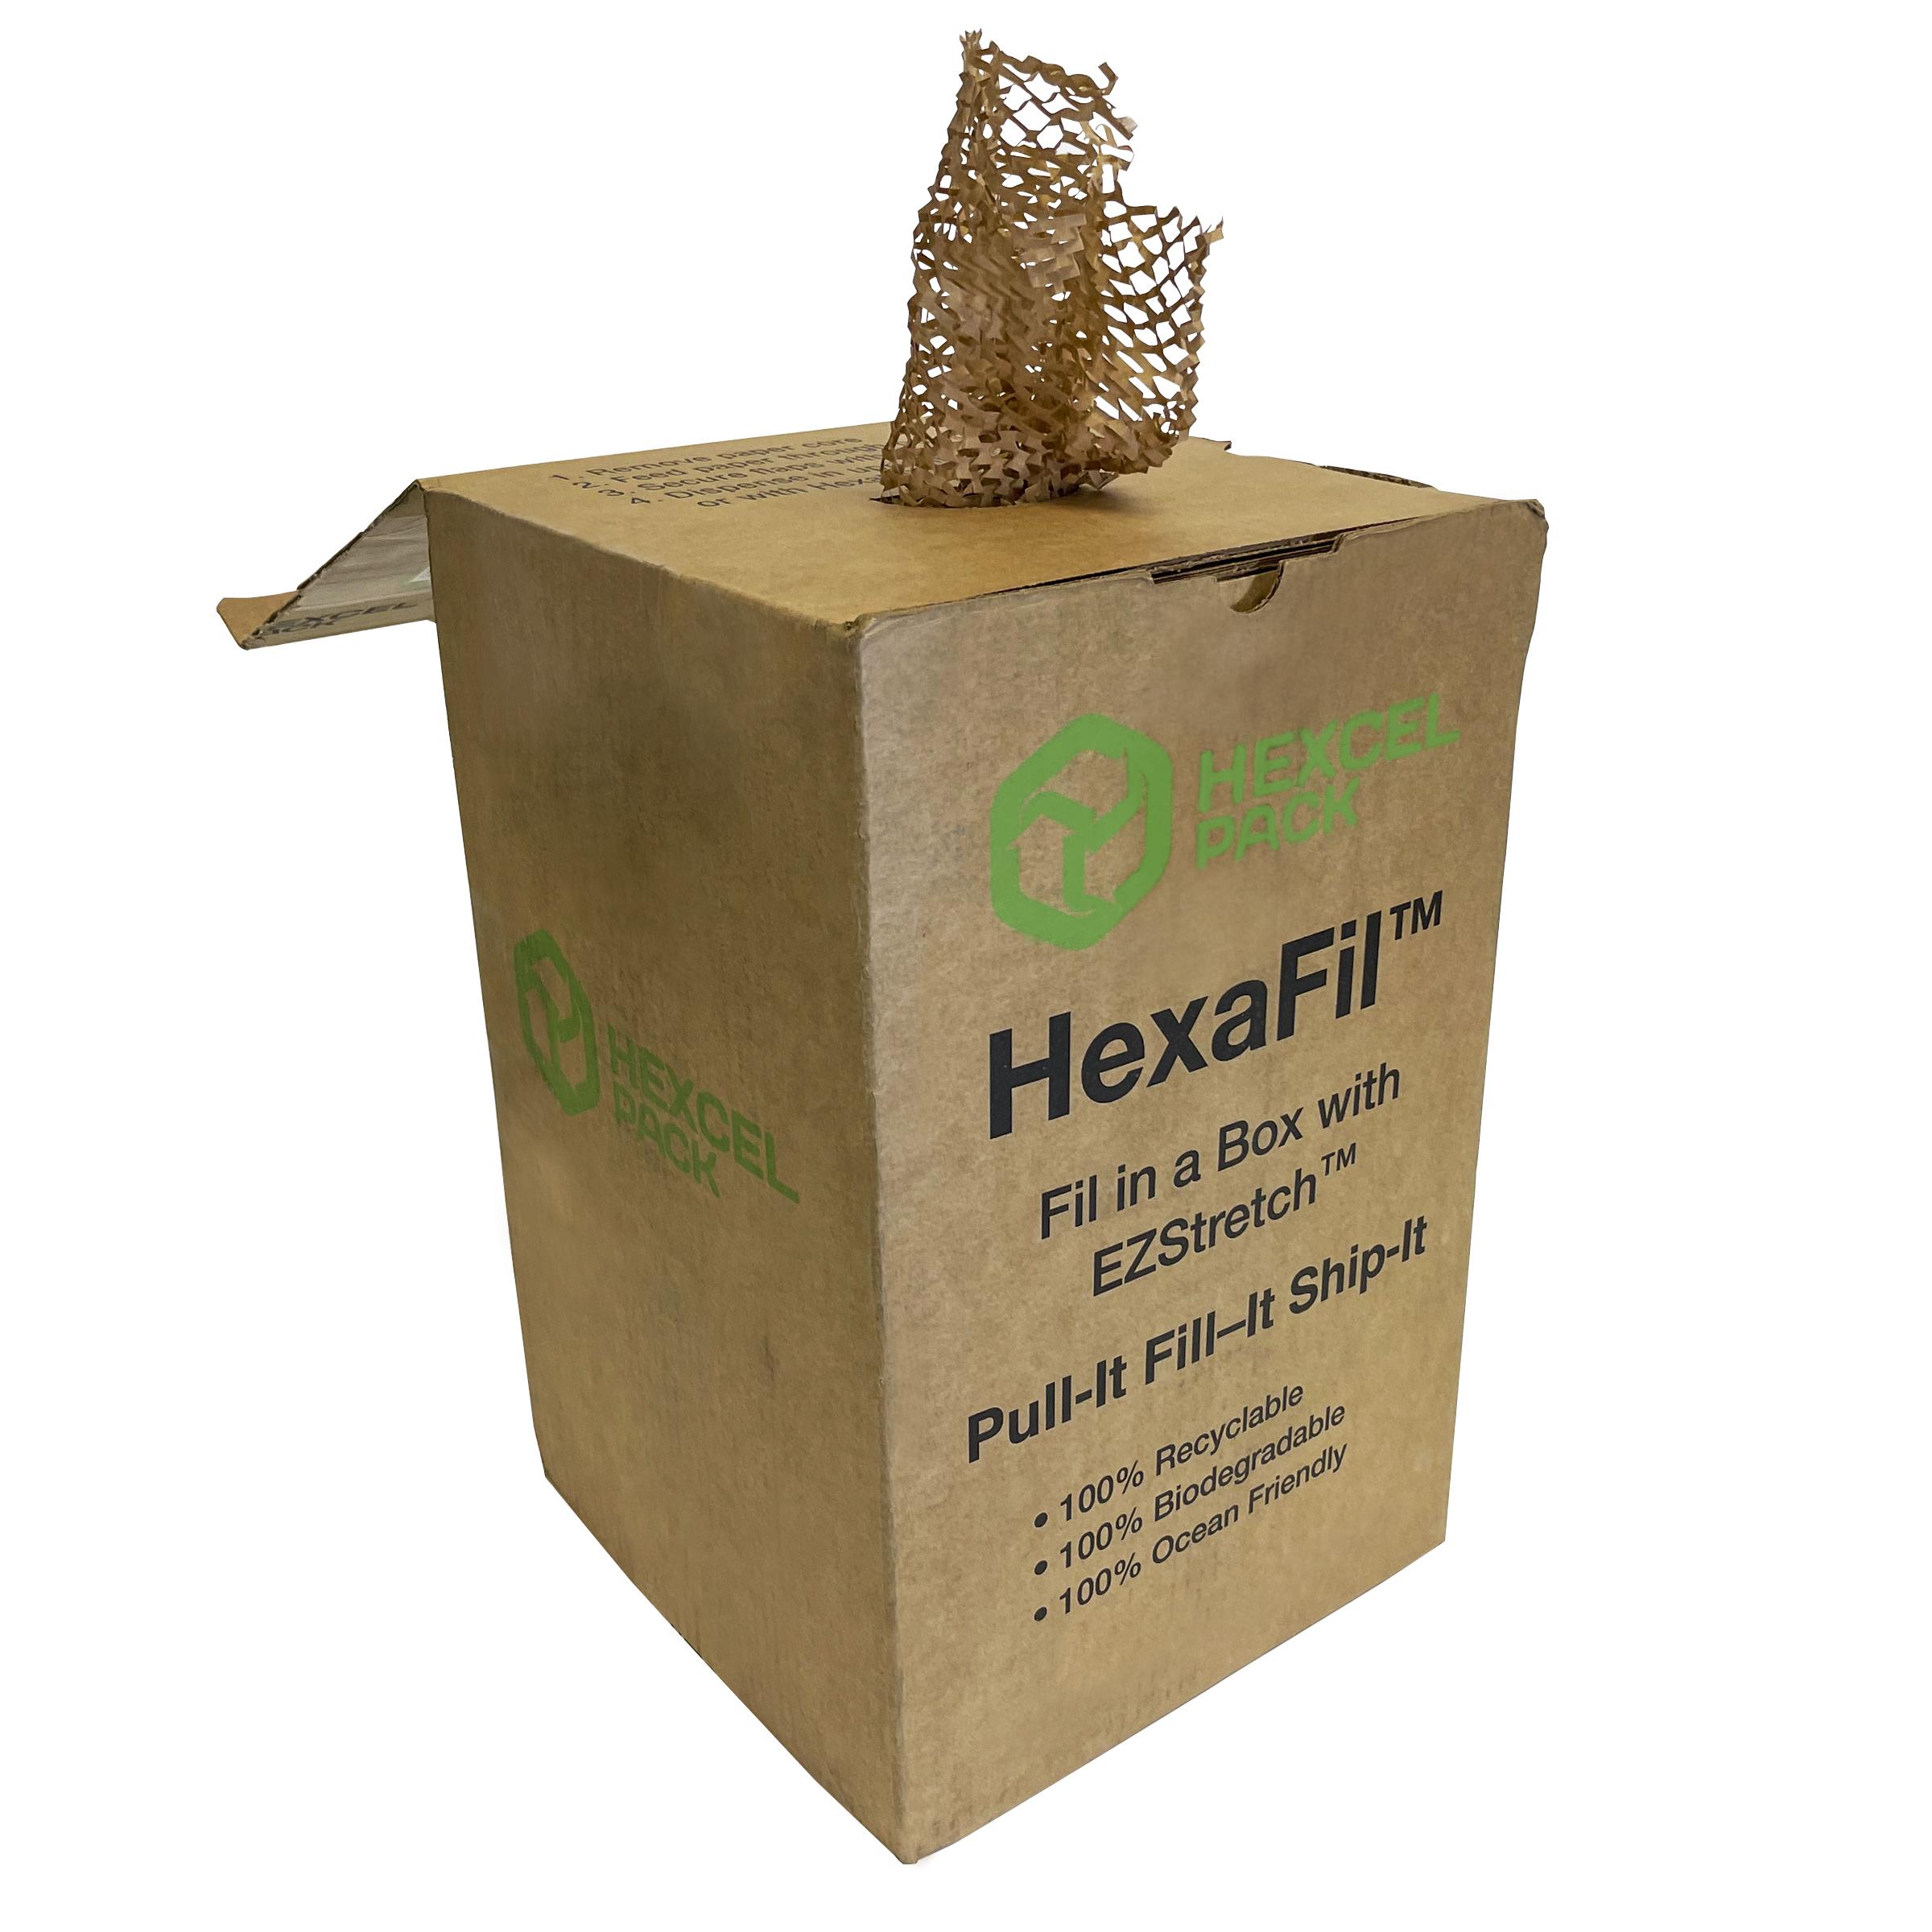 hexafil-high-20210730160308.jpg